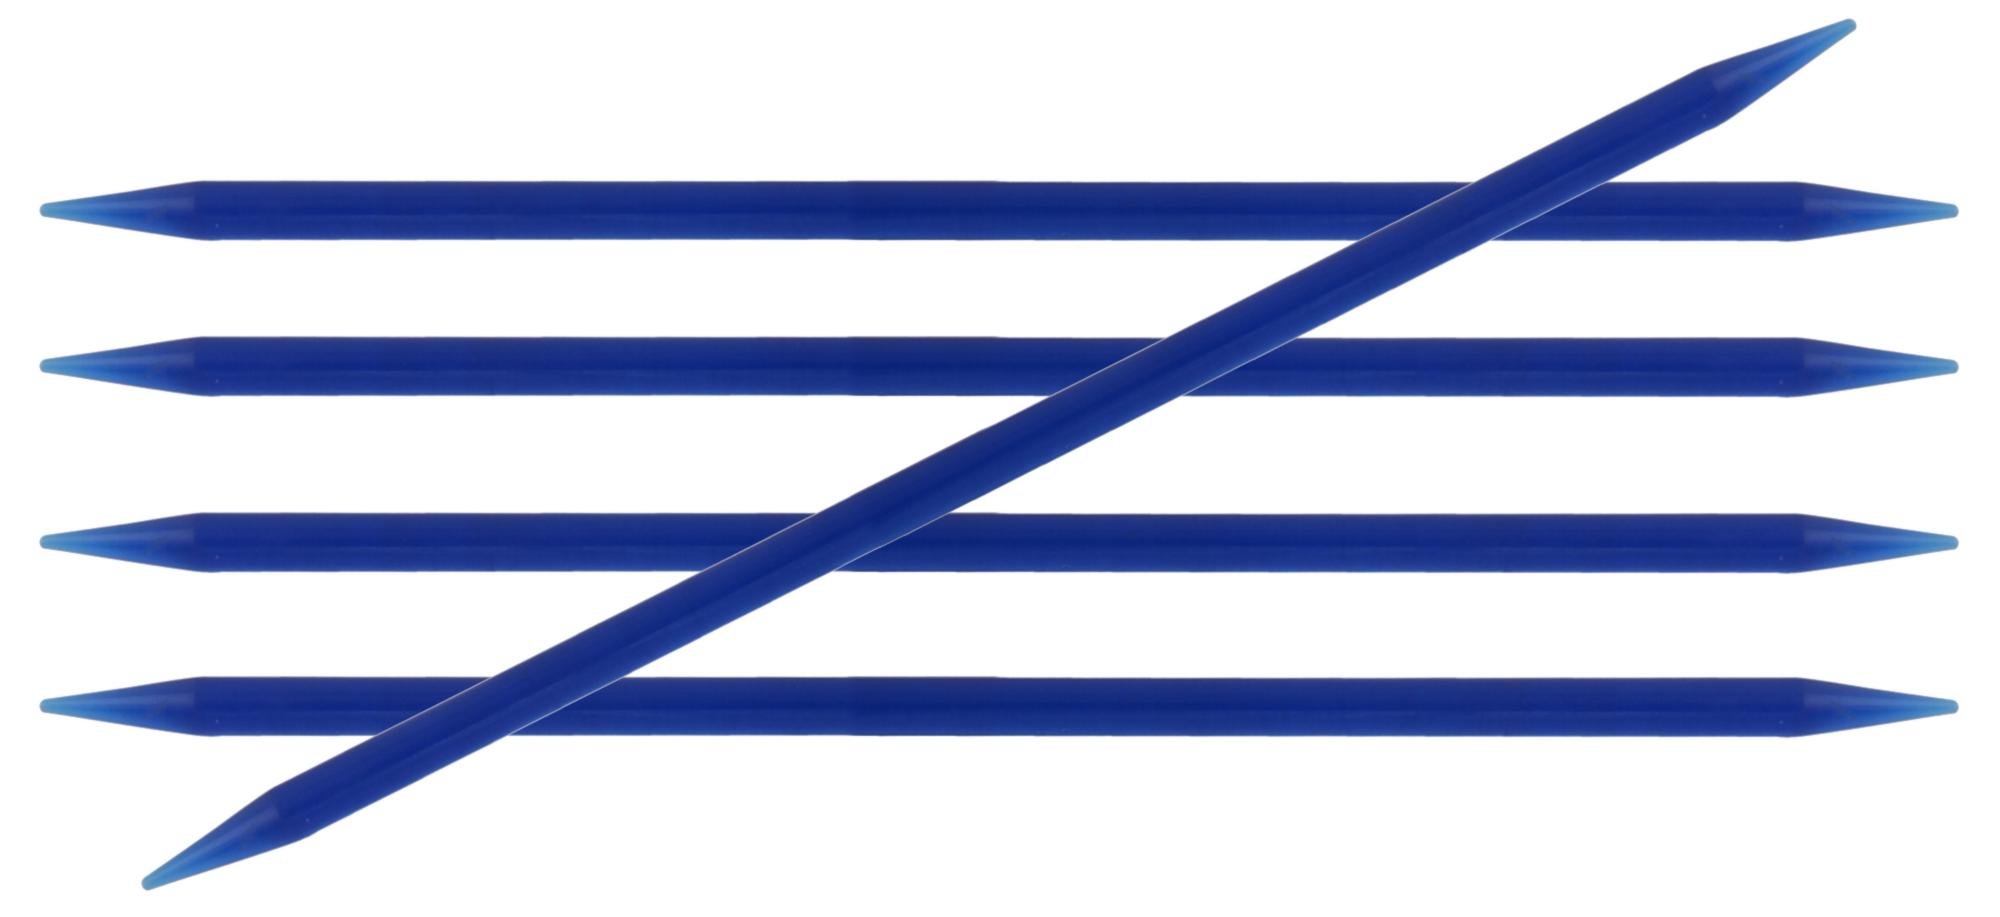 Спицы носочные 20 см Trendz KnitPro, 51027, 7.00 мм